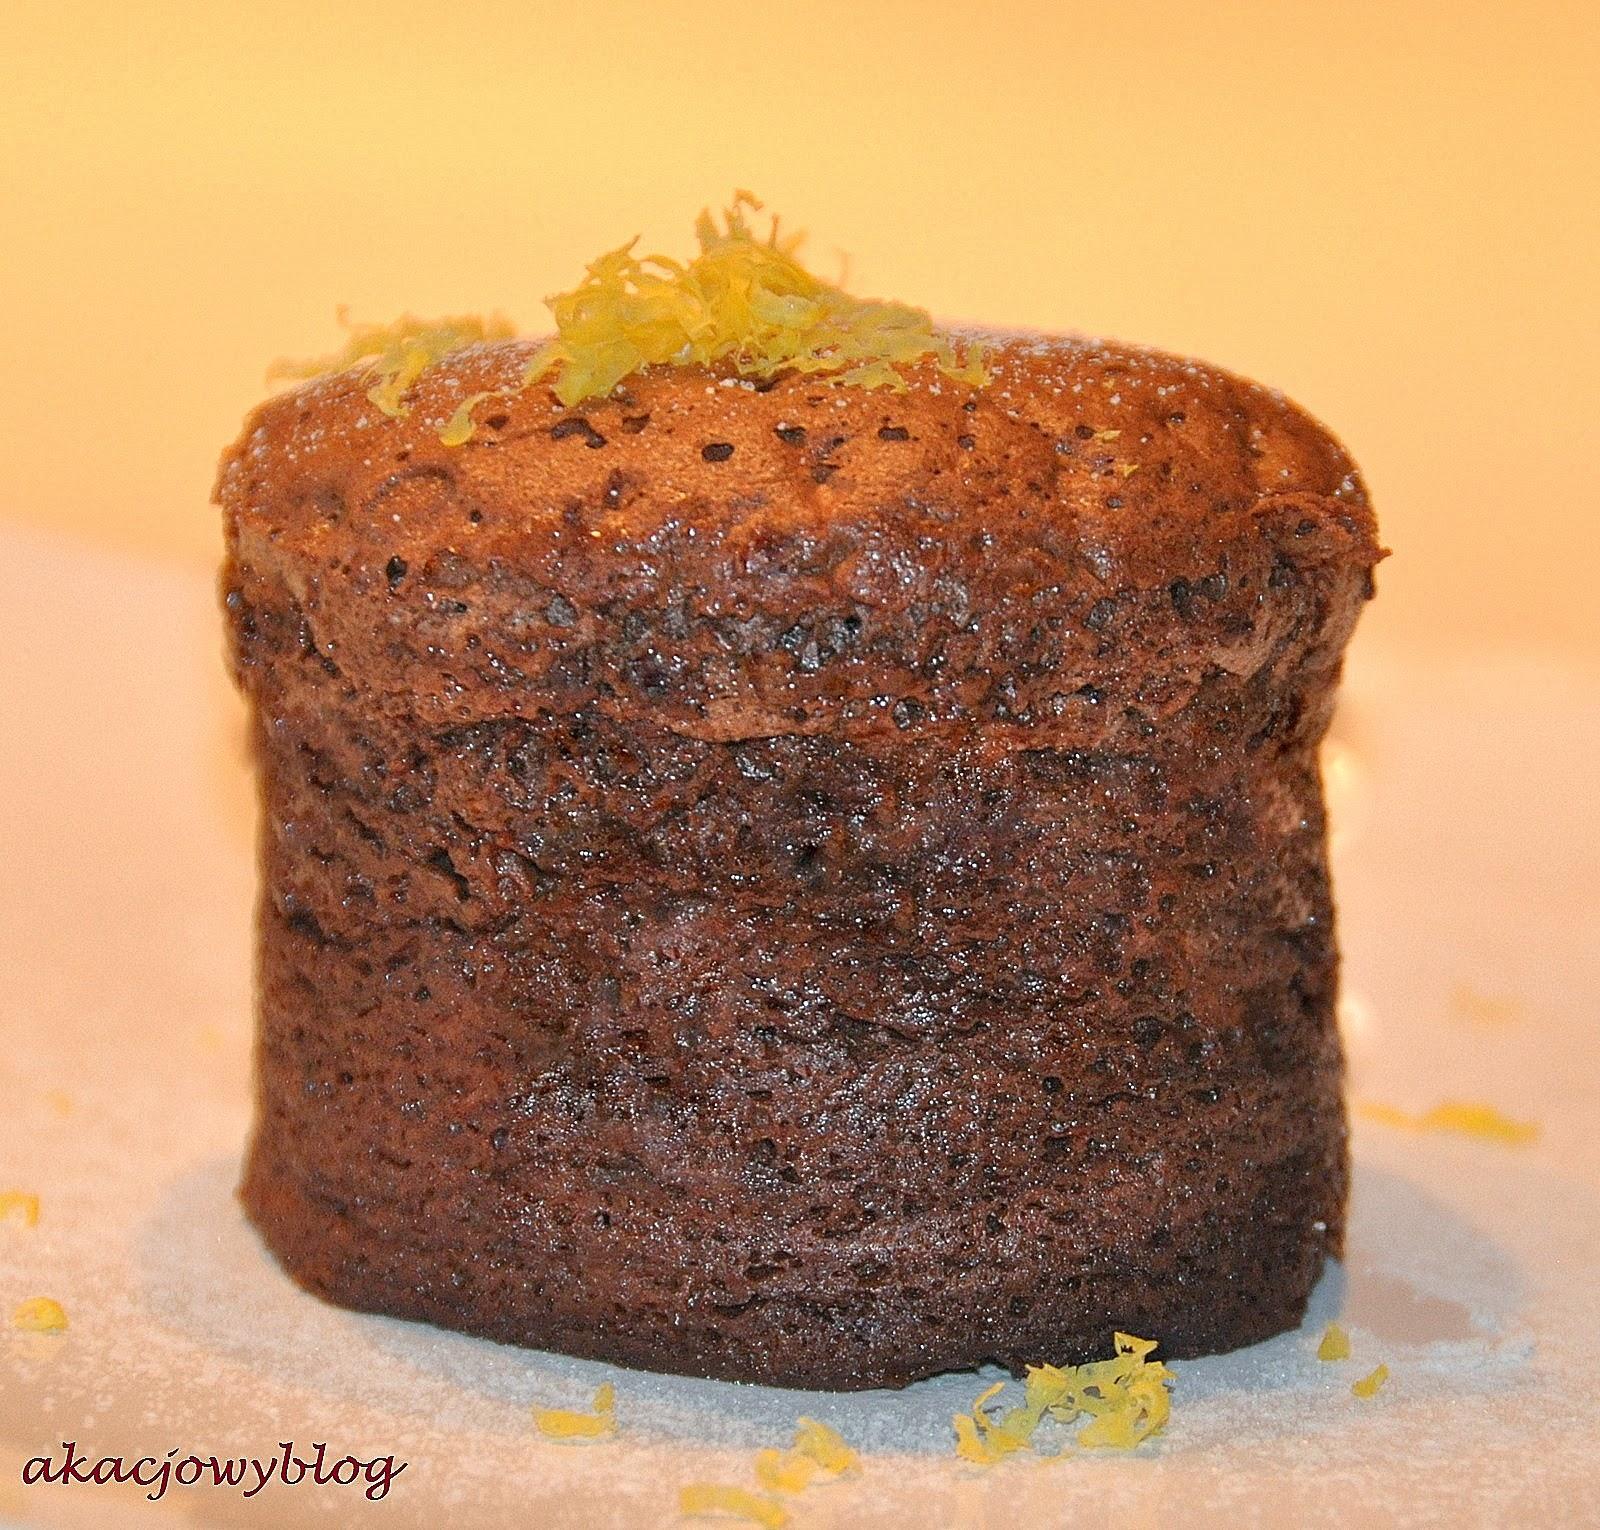 Suflet czekoladowy podany na talerzu.